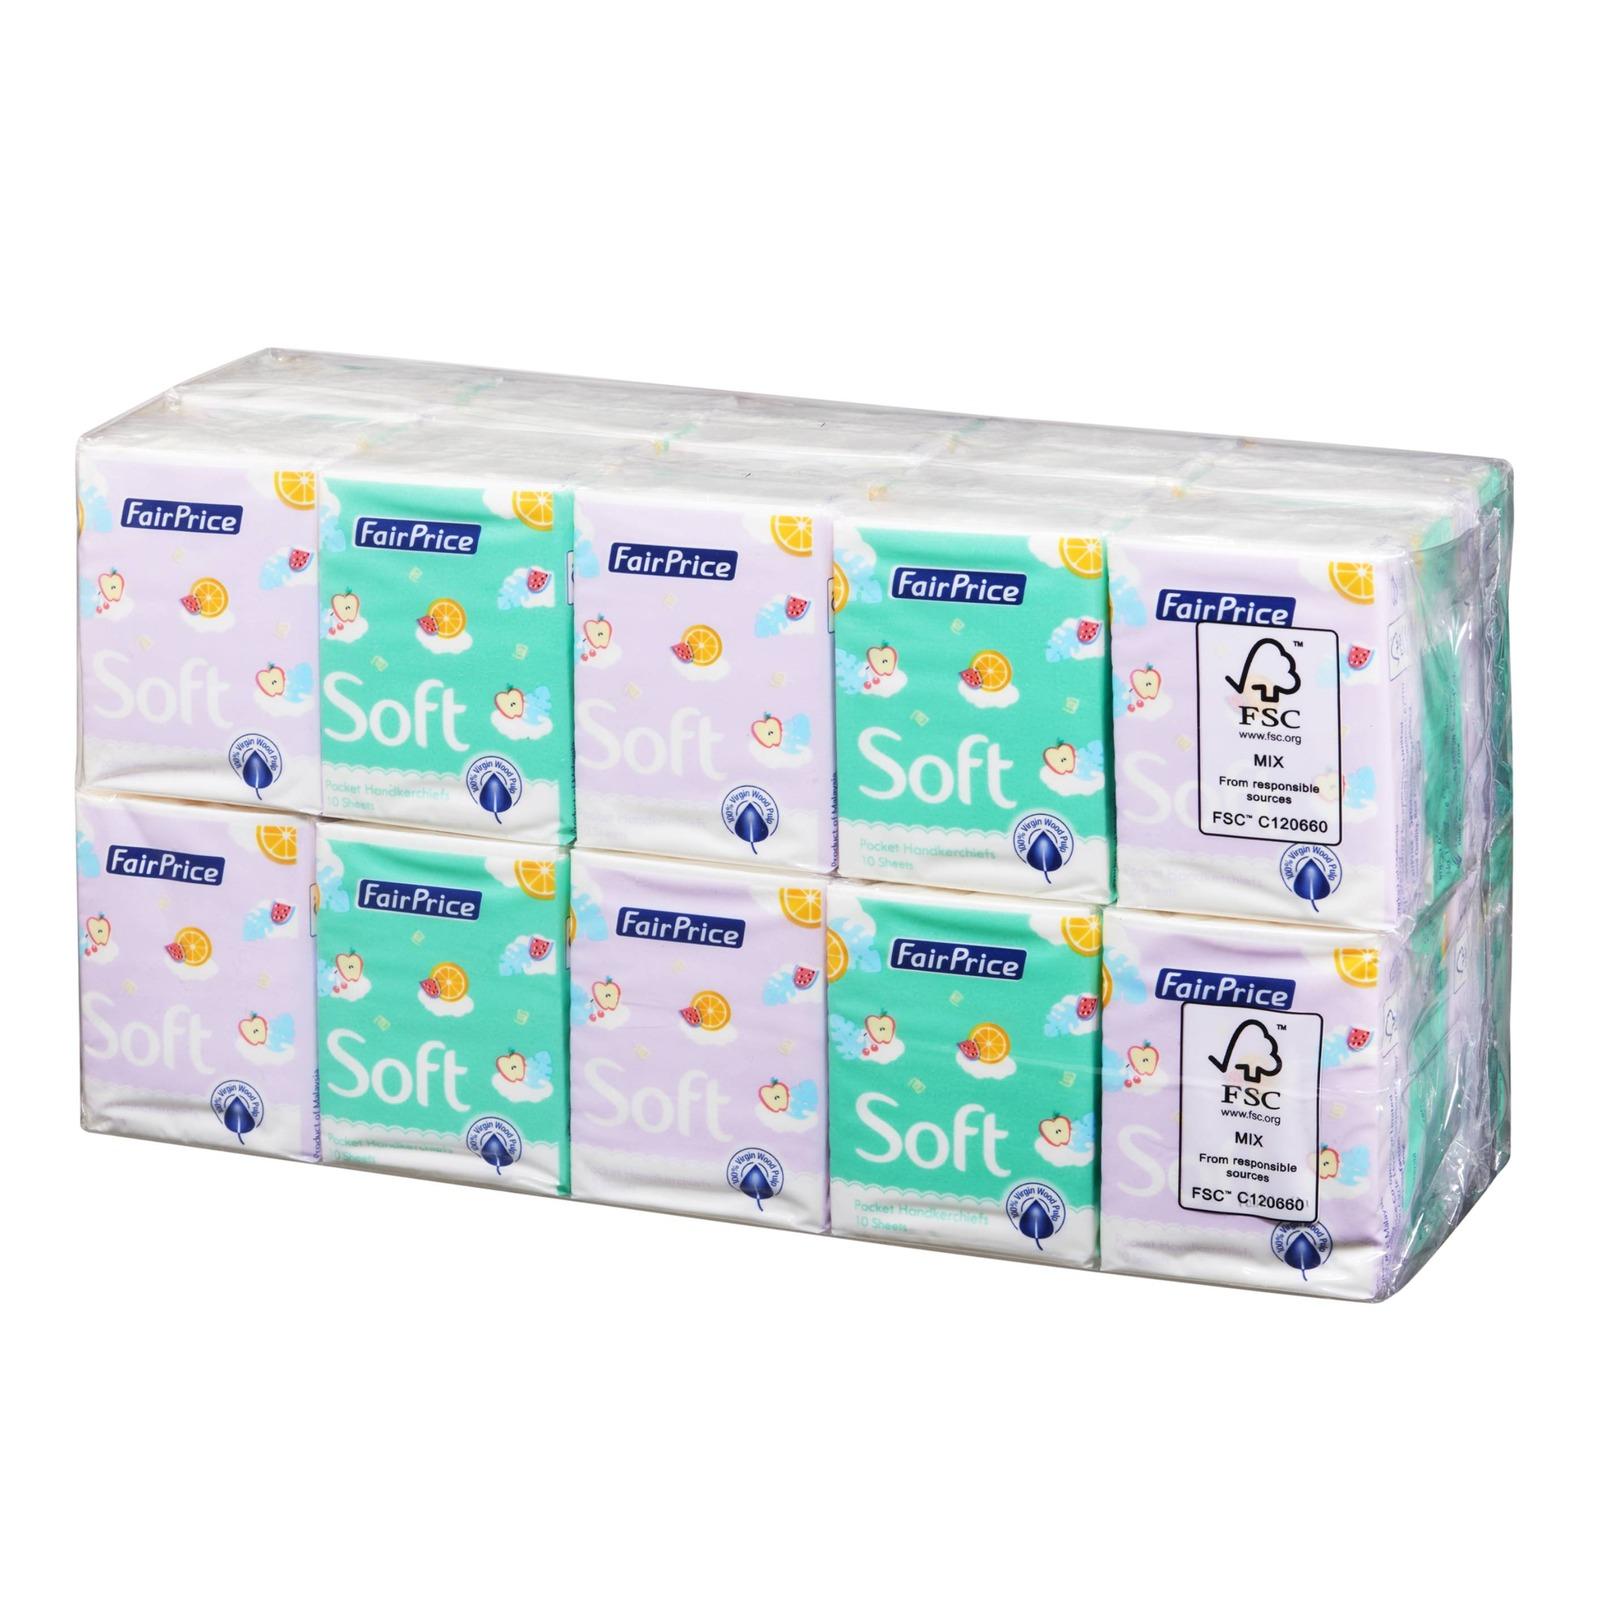 FairPrice Soft Pocket Handkerchiefs - Fruity